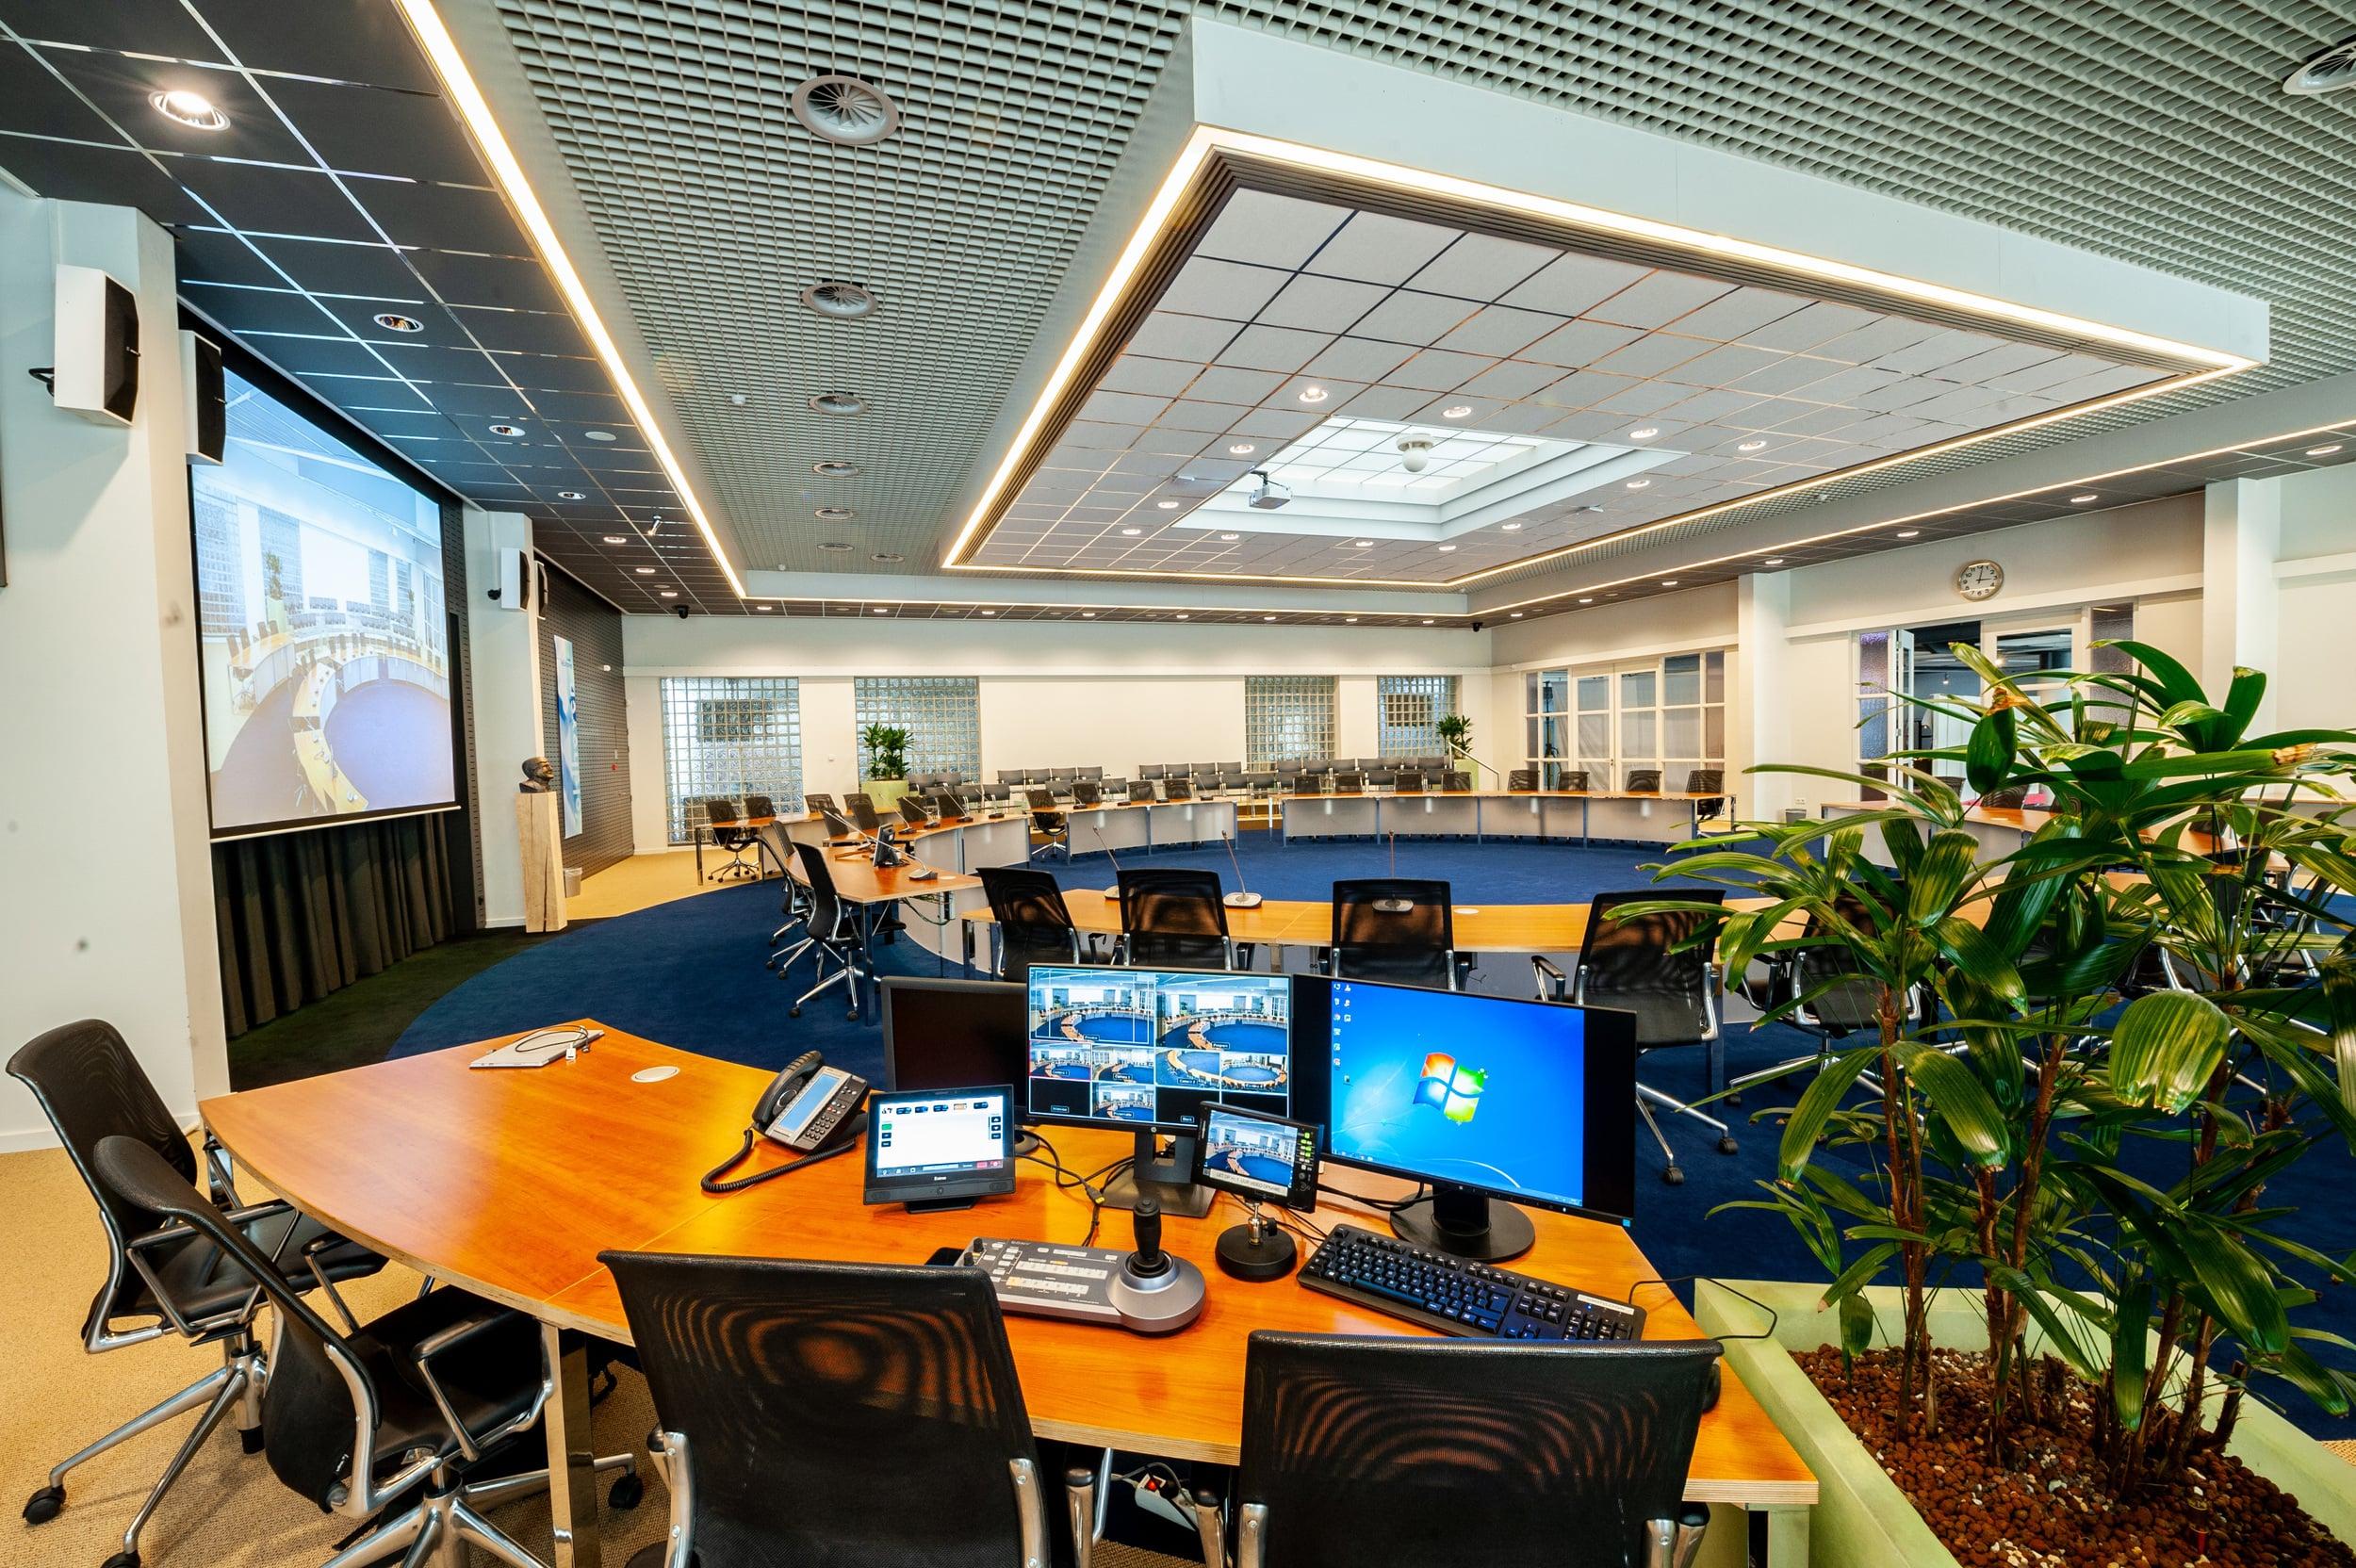 AvrBazelmans_Zuid-Nederland-115.jpg?mtime=20200506094550#asset:2562